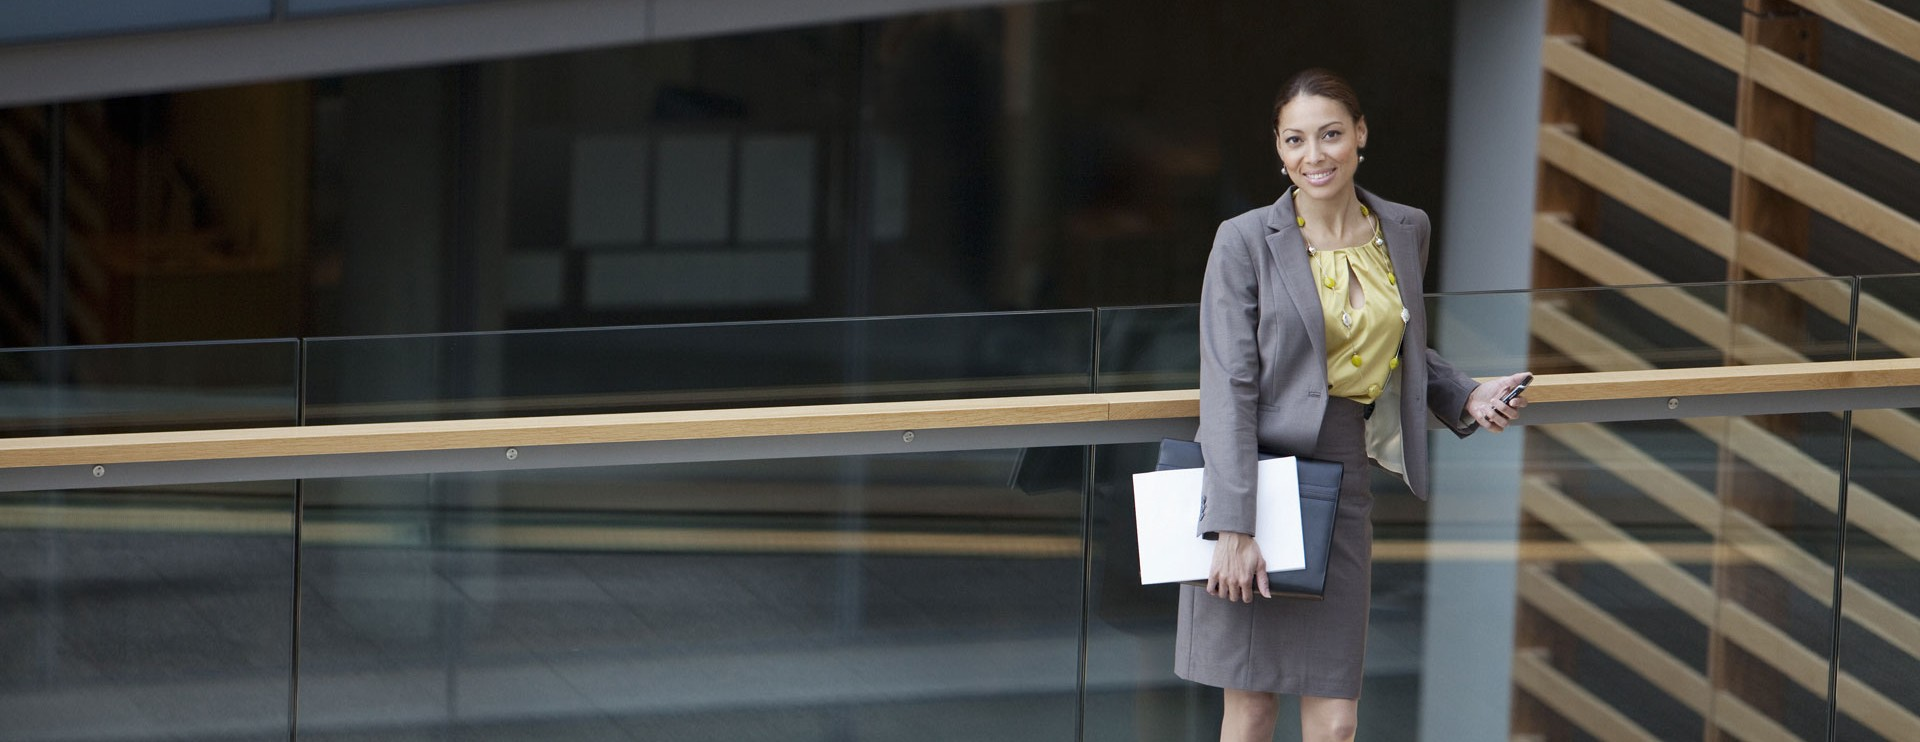 Femme d'affaires debout tenant des documents